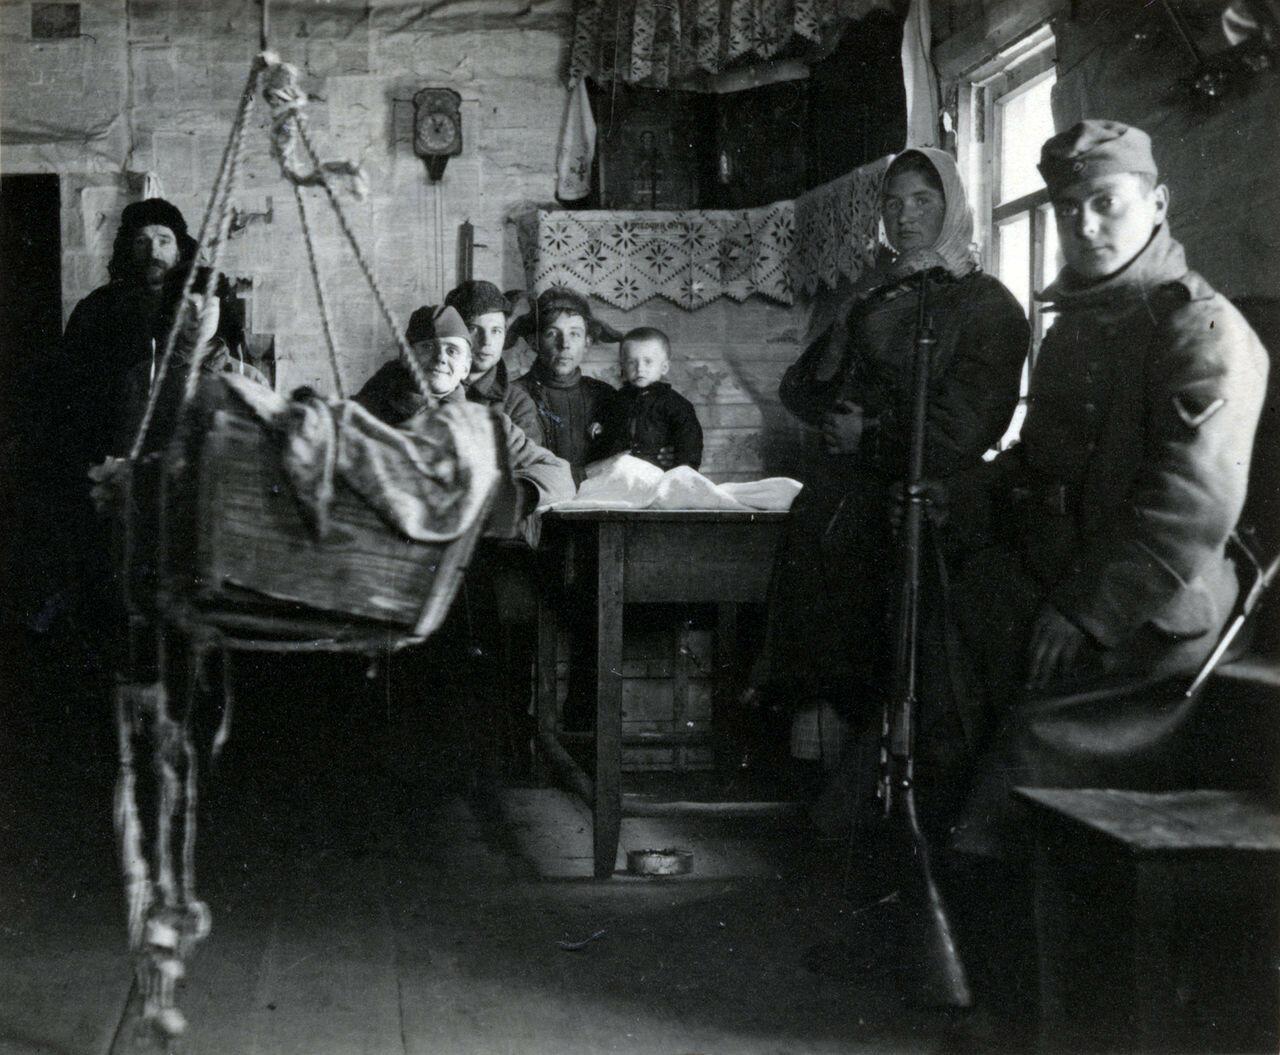 1941. Рославль. В одном из домов местных жителей. Из альбома военврача капрала Бернарда Ланга